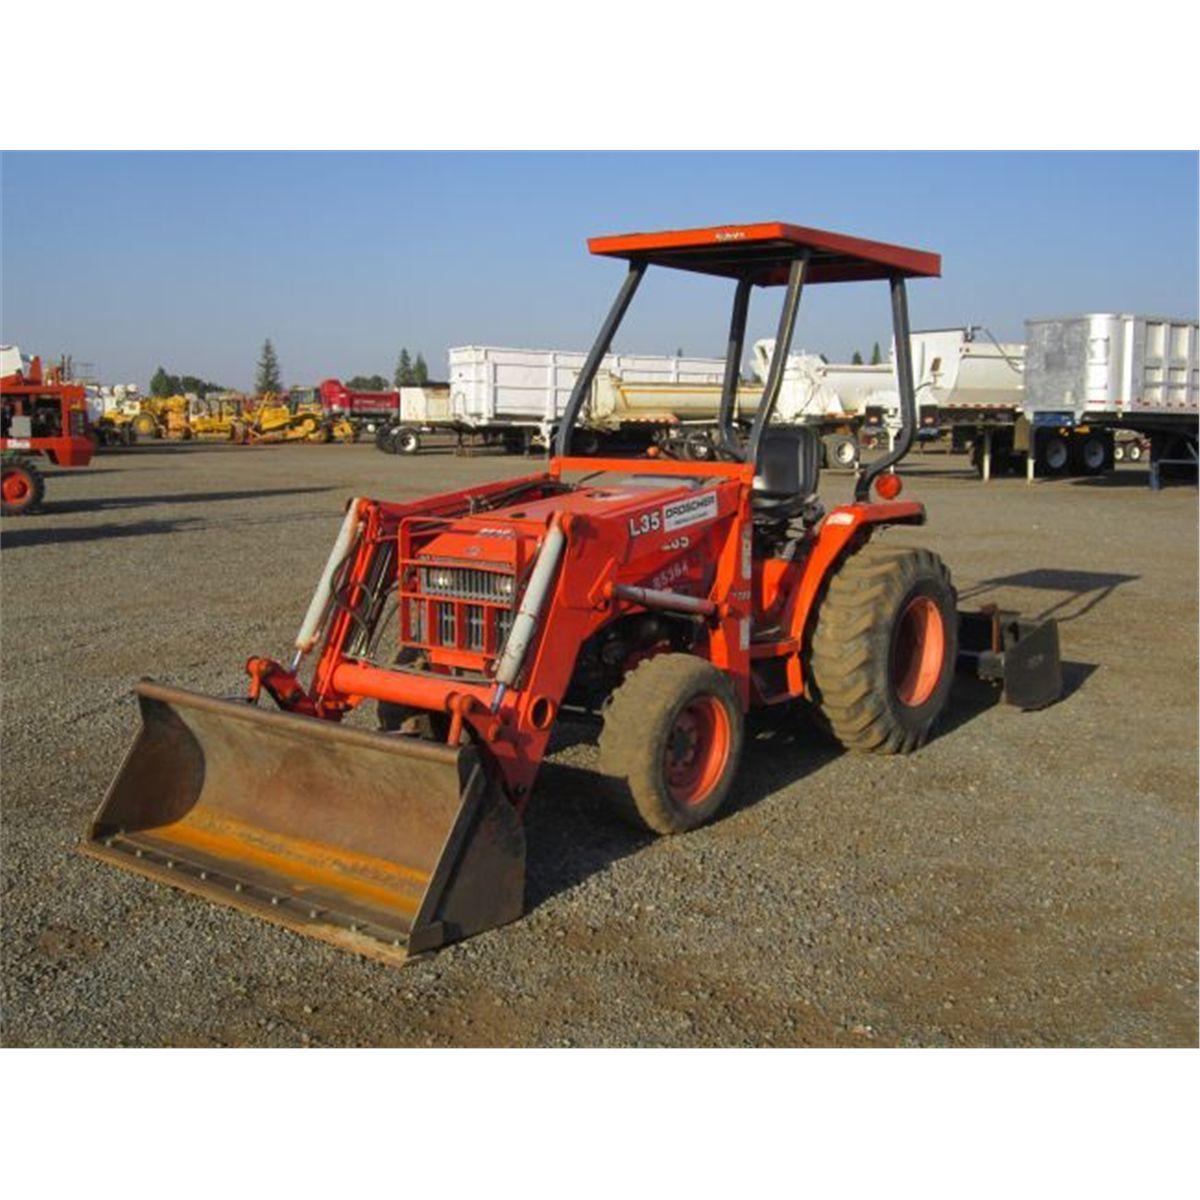 2006 Kubota L35 4x4 Ag  Tractor